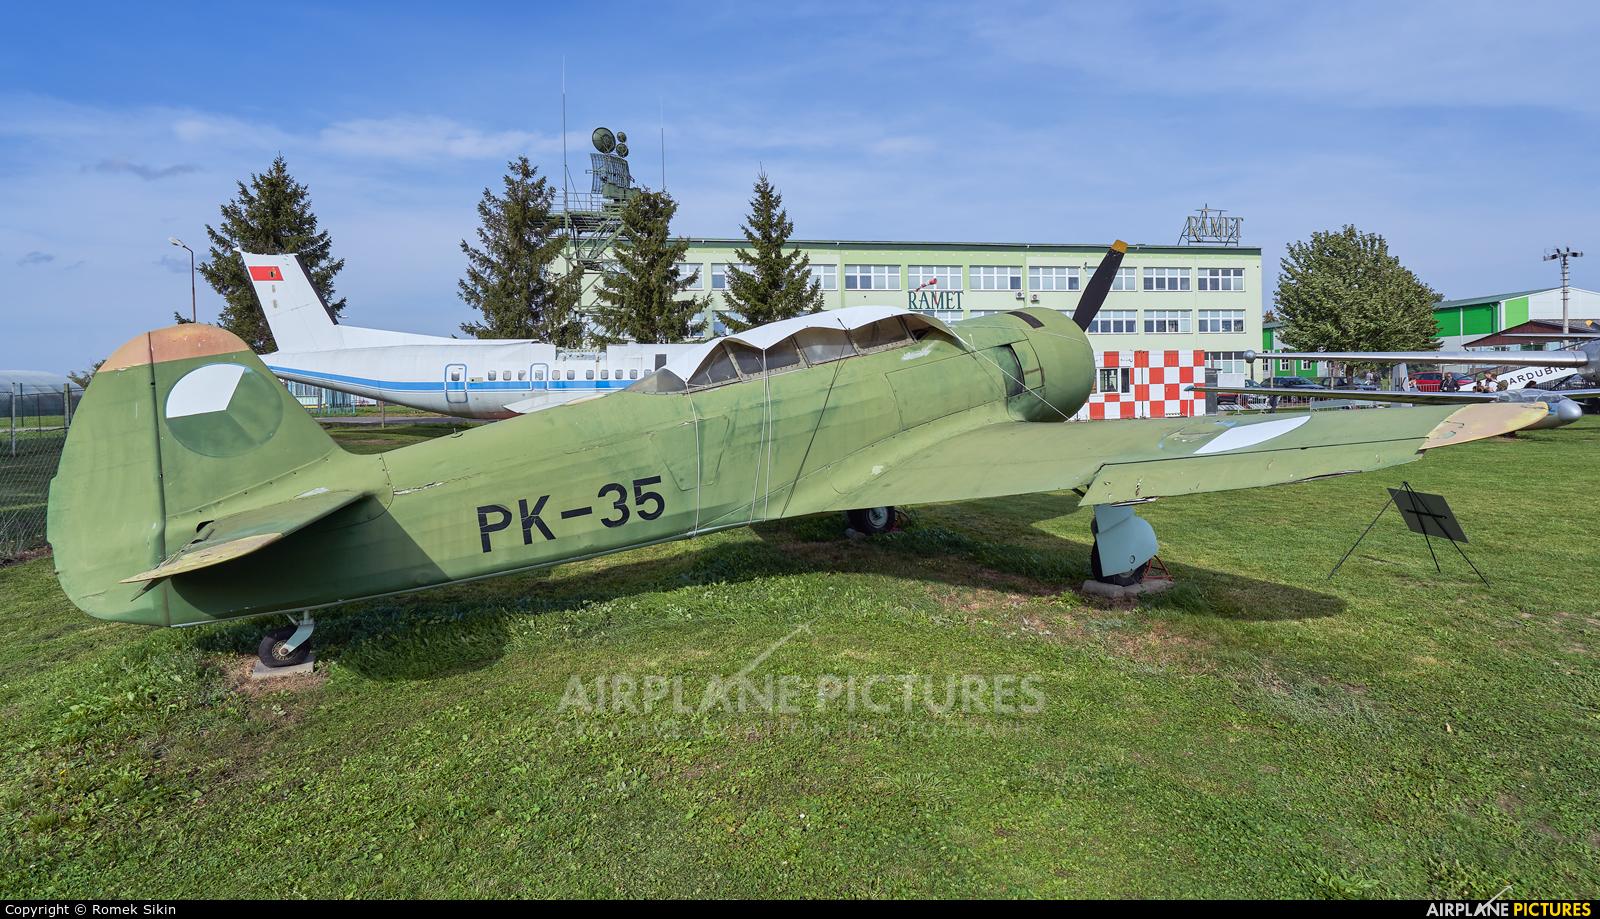 Czechoslovak - Air Force PK-35 aircraft at Uherské Hradiště - Kunovice